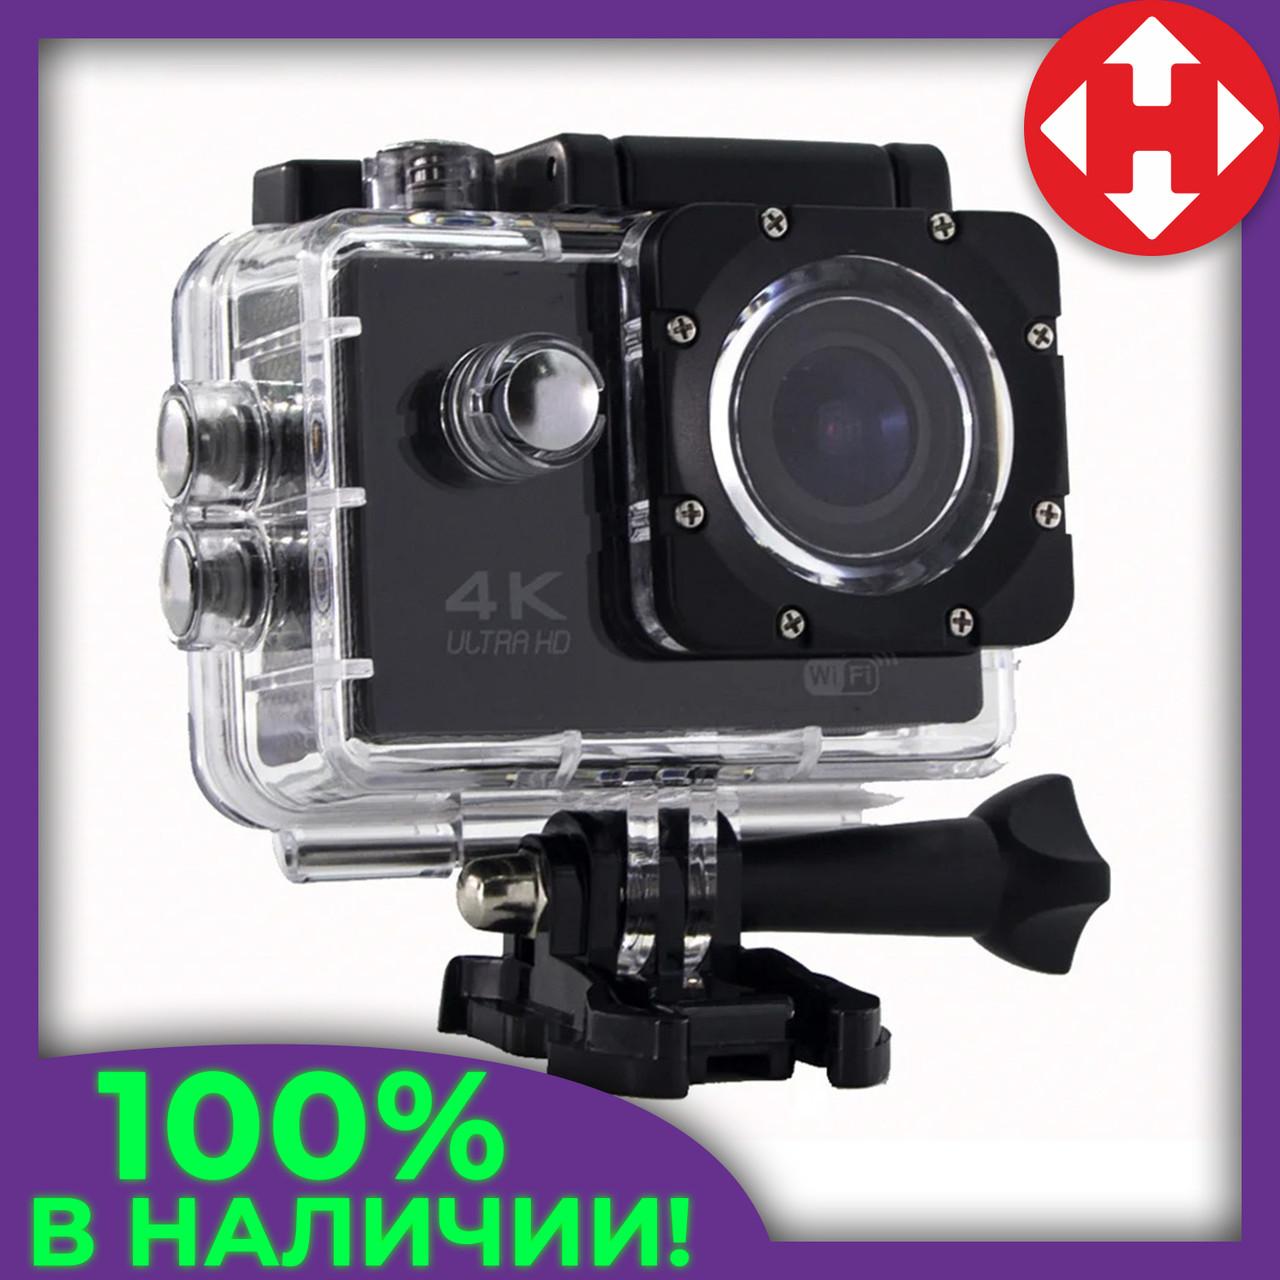 Водонепроницаемая Экшн Камера Action Camera UKC S2 4K Ultra HD WiFi, подводная видеокамера, Чёрная